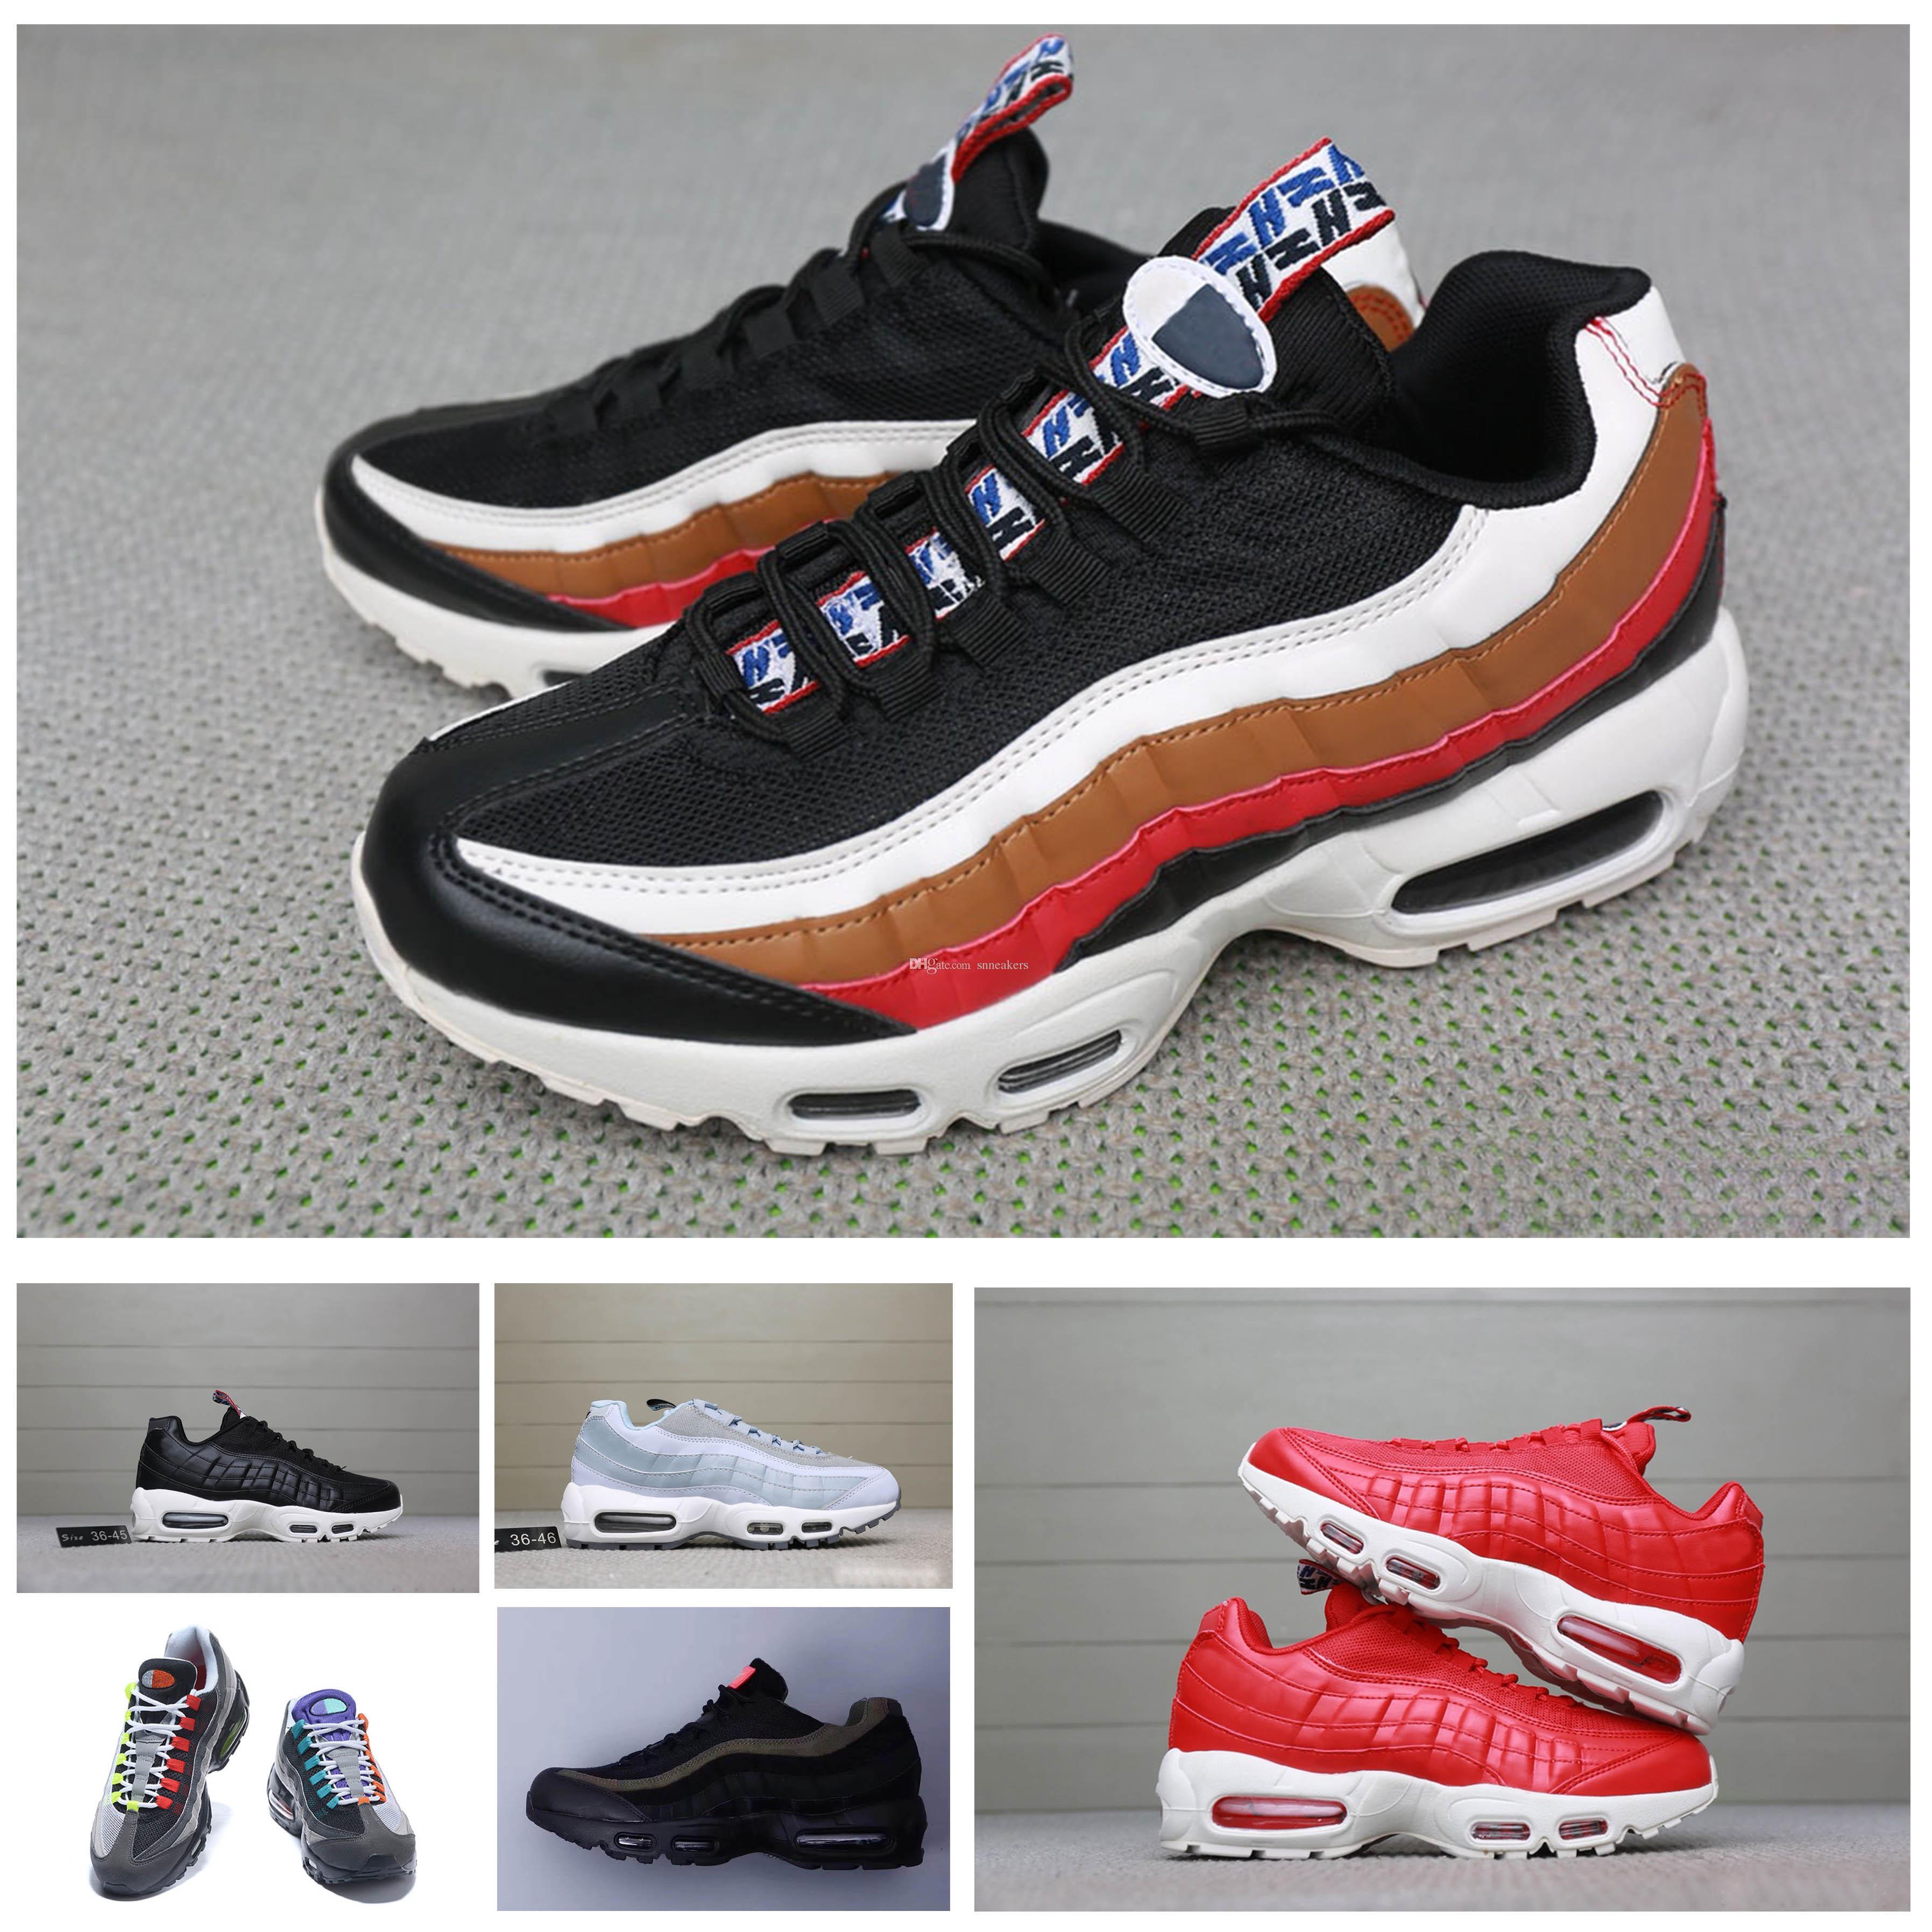 the best attitude f3586 a4e3c Compre Nike Air Max 95 Mens Shoes Diseñador Al Por Mayor De Los Hombres  Airs Cushion 95 OG Zapatillas De Deporte Auténticos 95s New Walking  Discount Marca ...